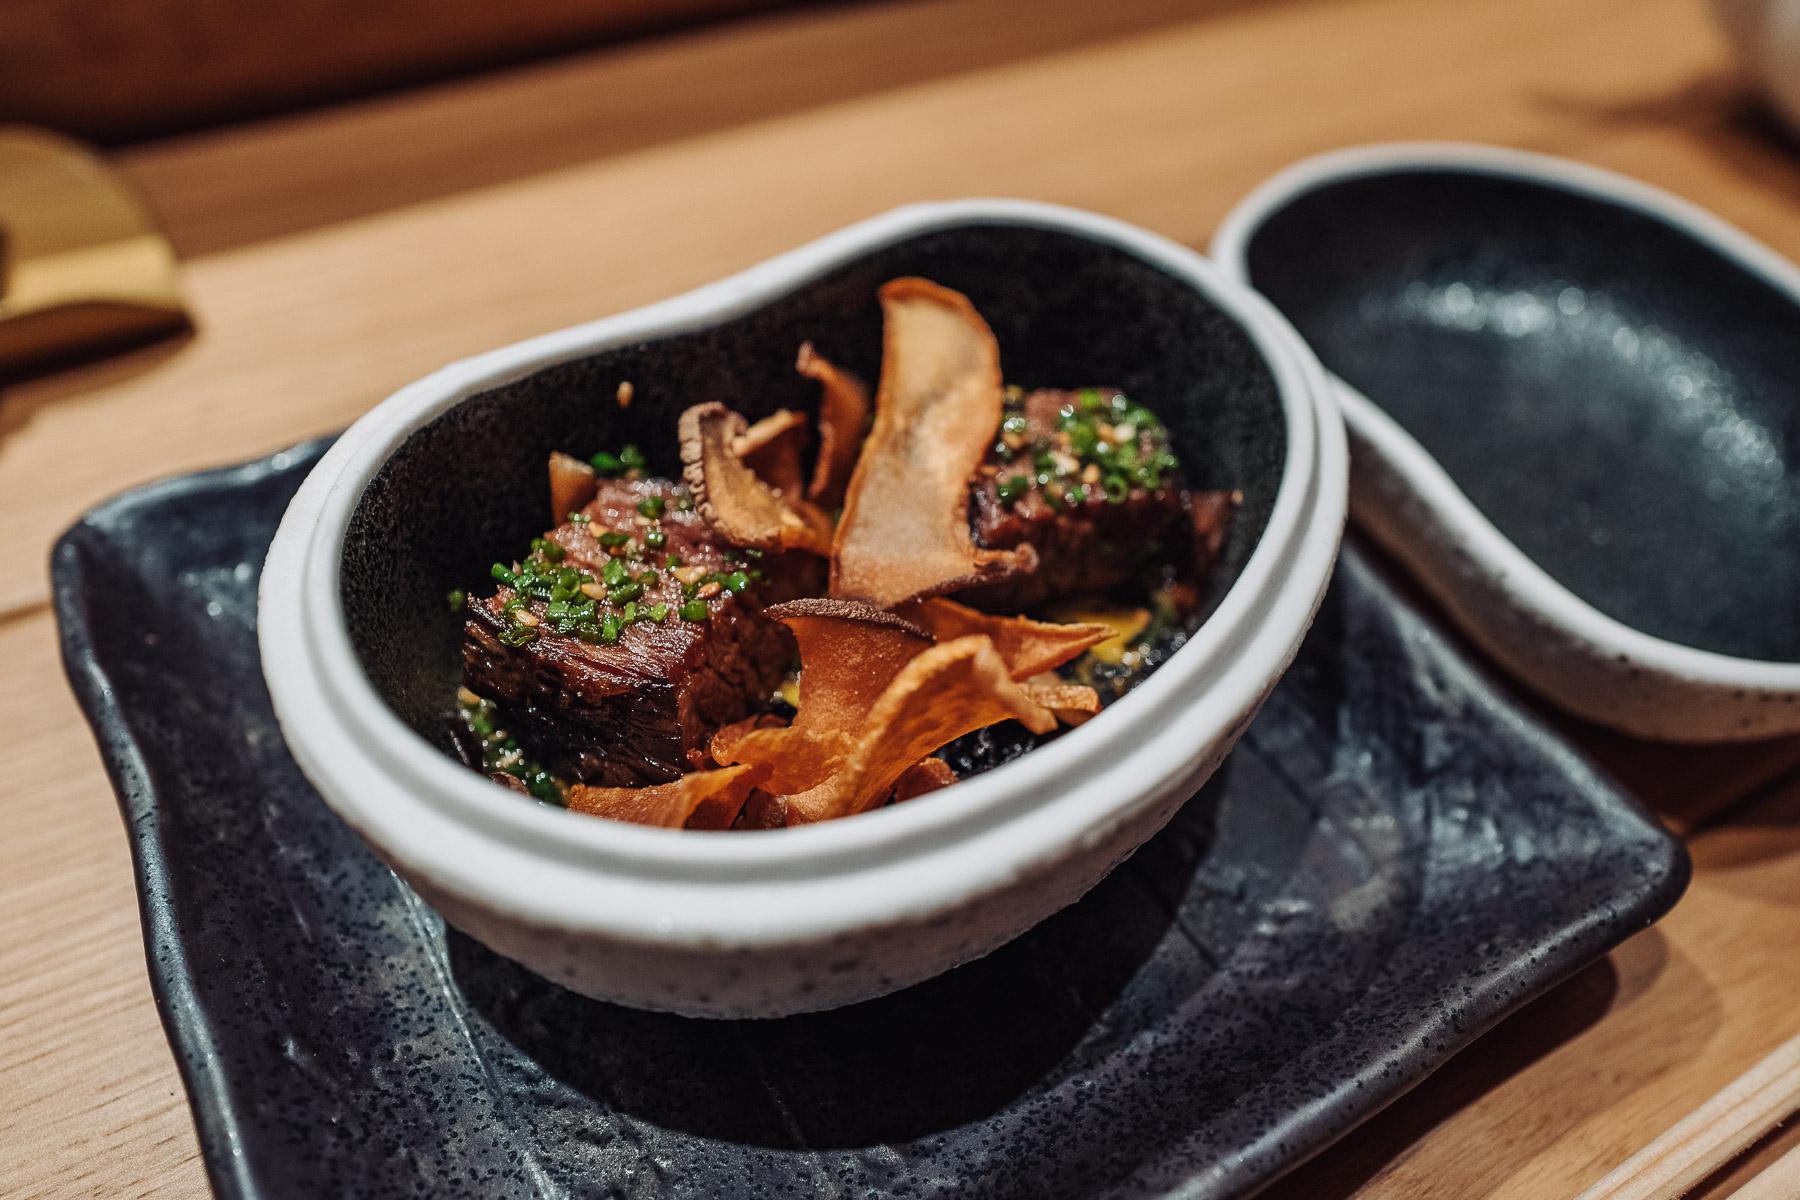 wołowina wagyū z borowikami, musztardą karashi i algami hijiki